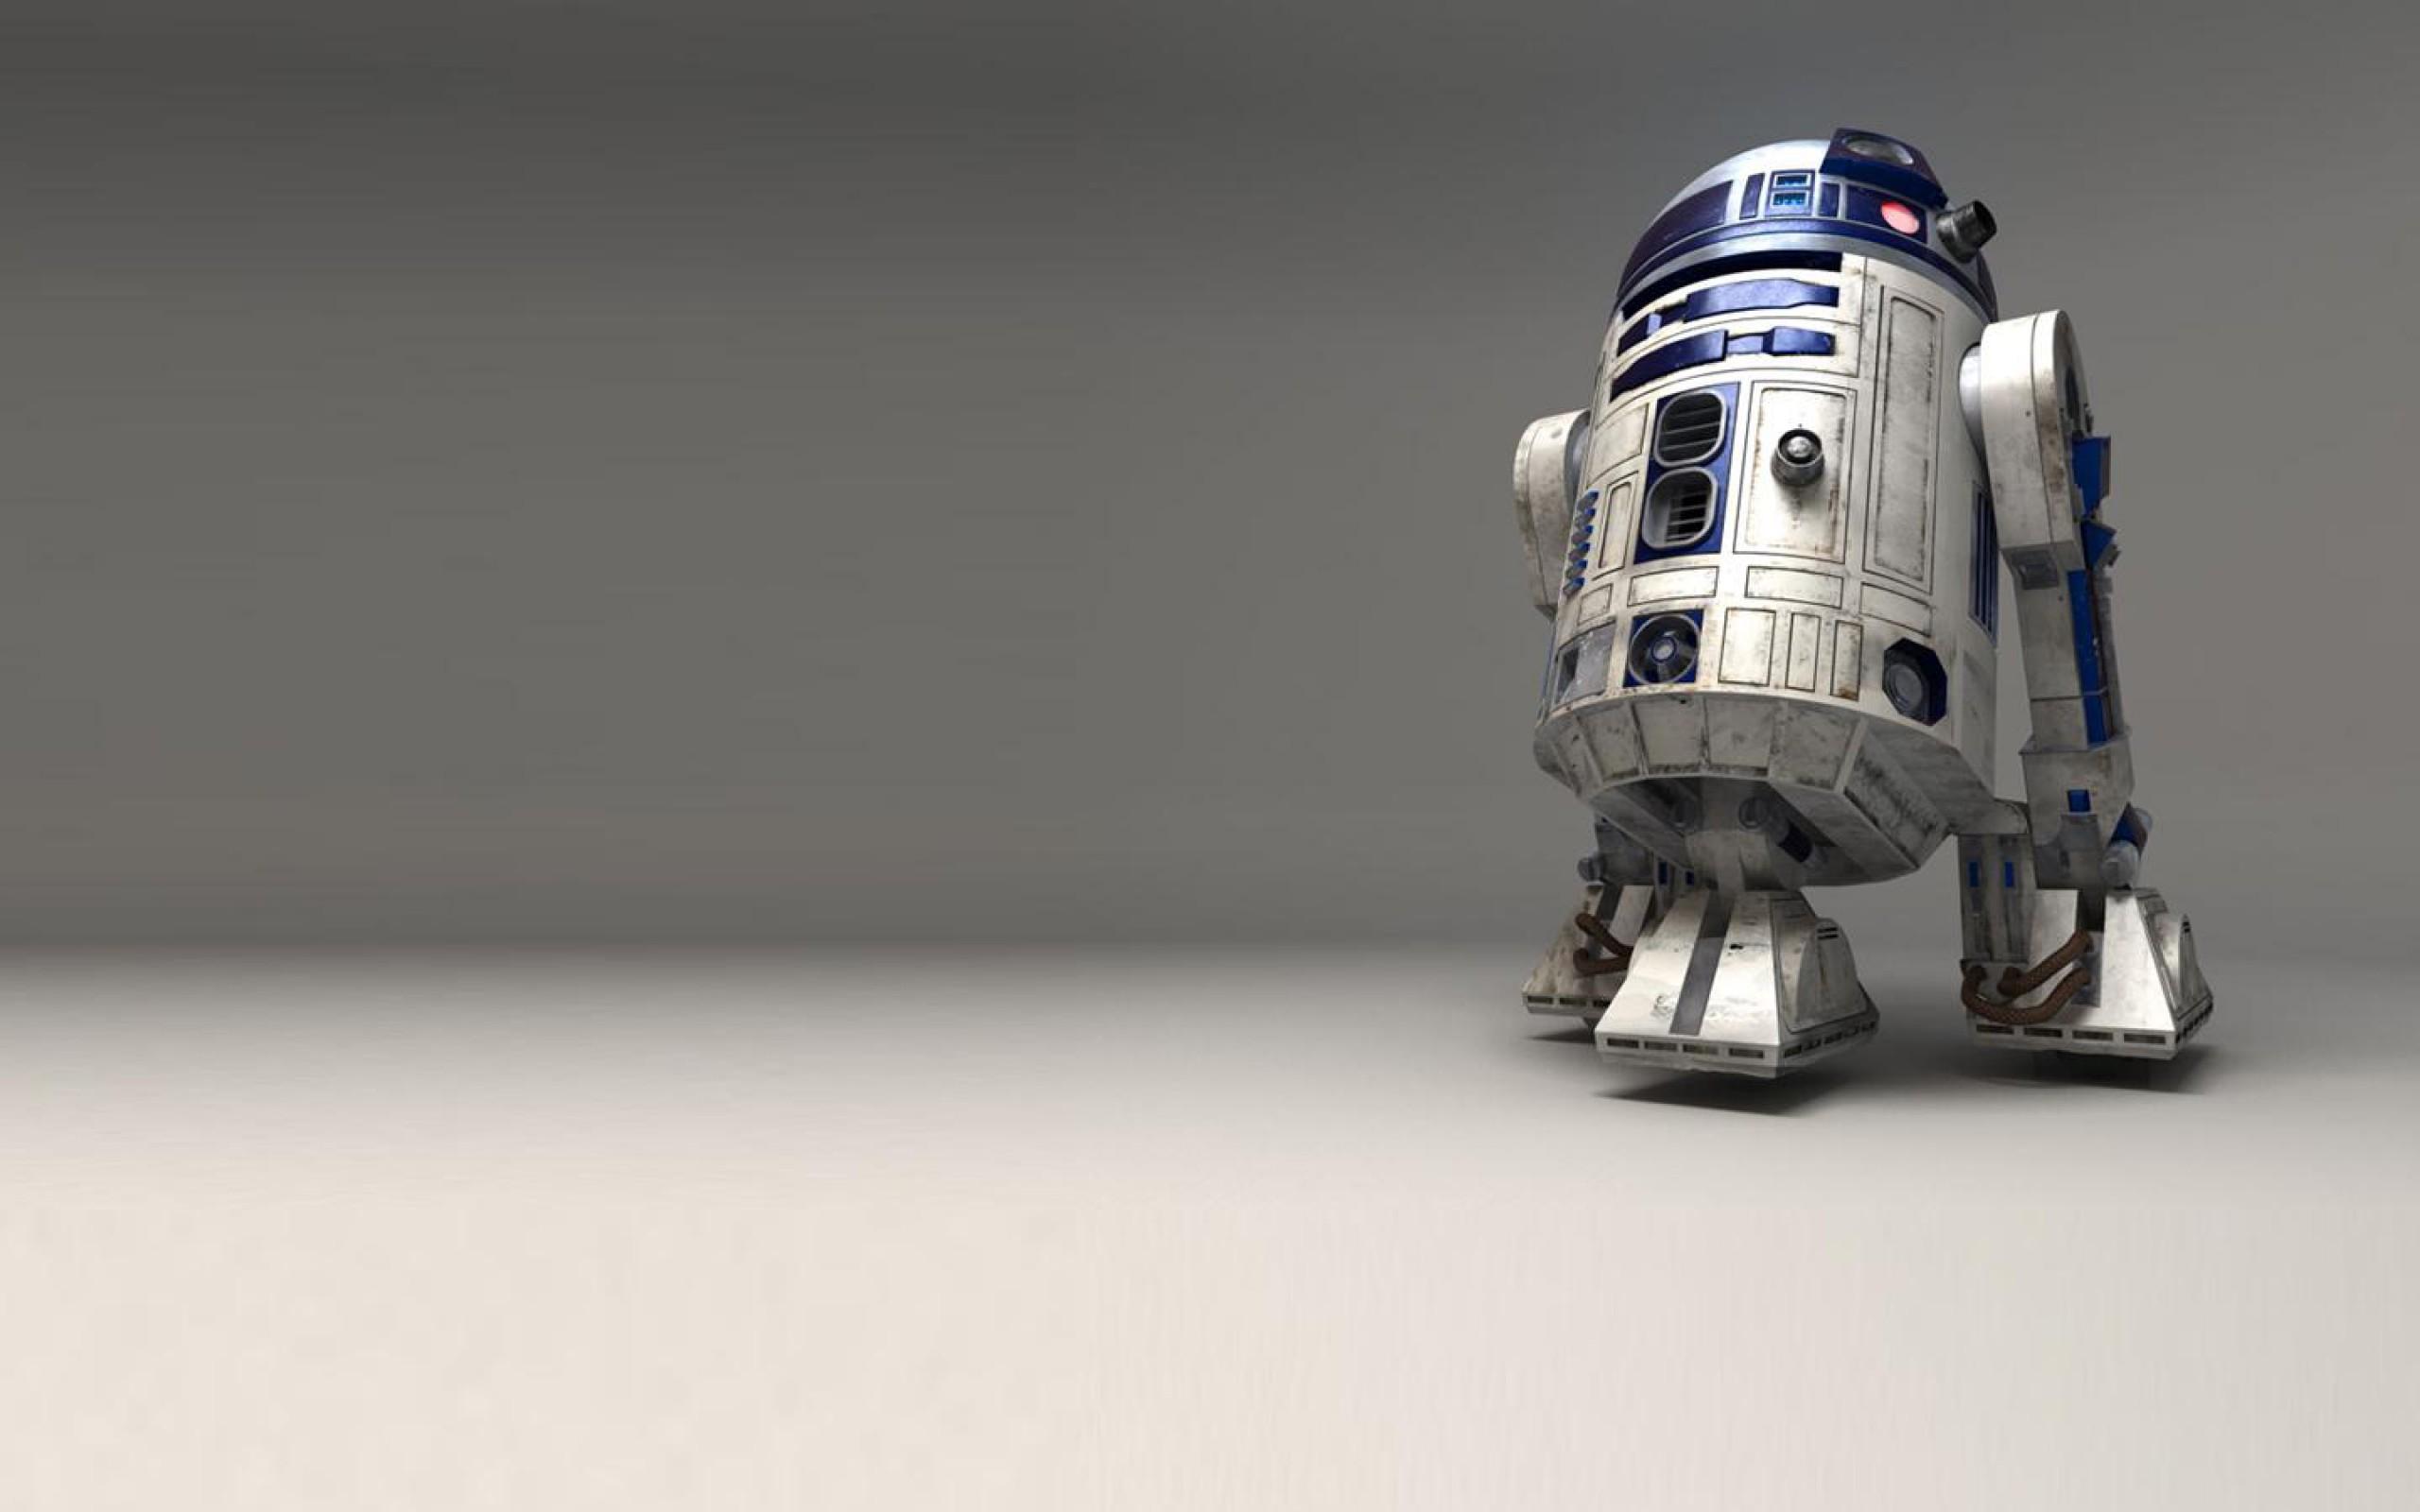 Star Wars Wallpaper Hd, Top 48 Quality Cool Star Wars HD